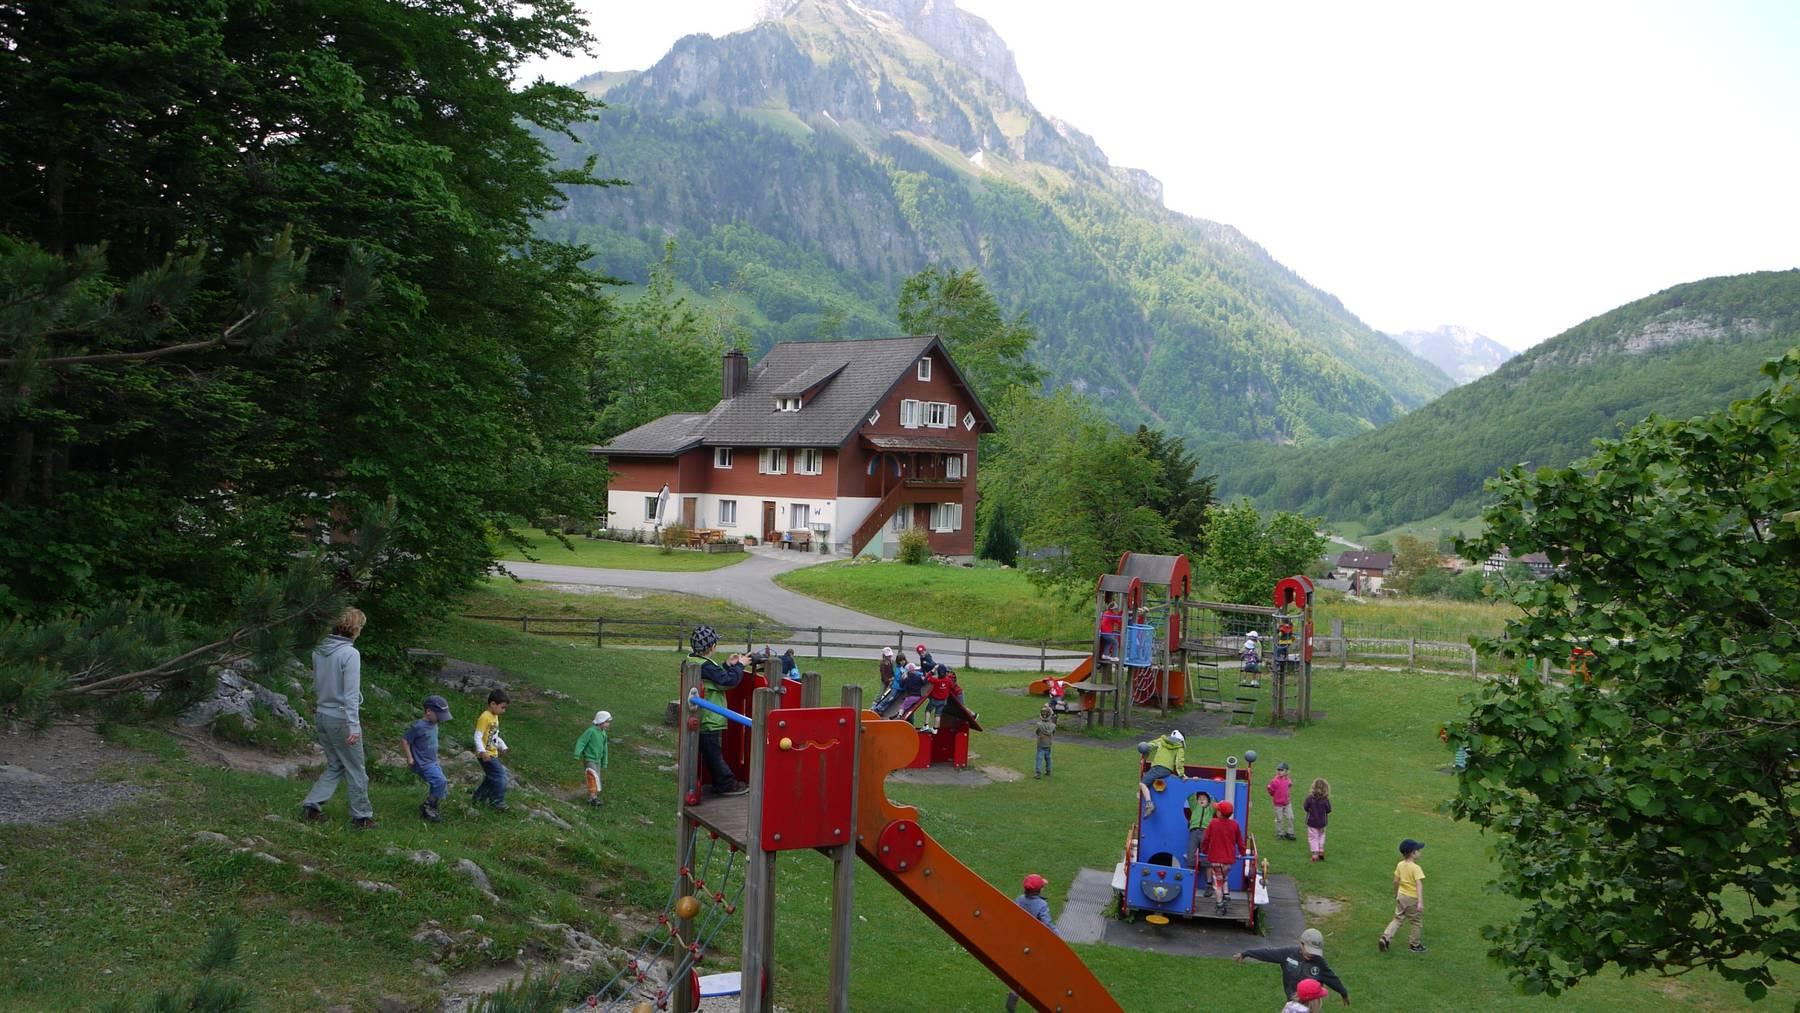 Freizeittipp: Vom Hexenweg zum Seelisberg